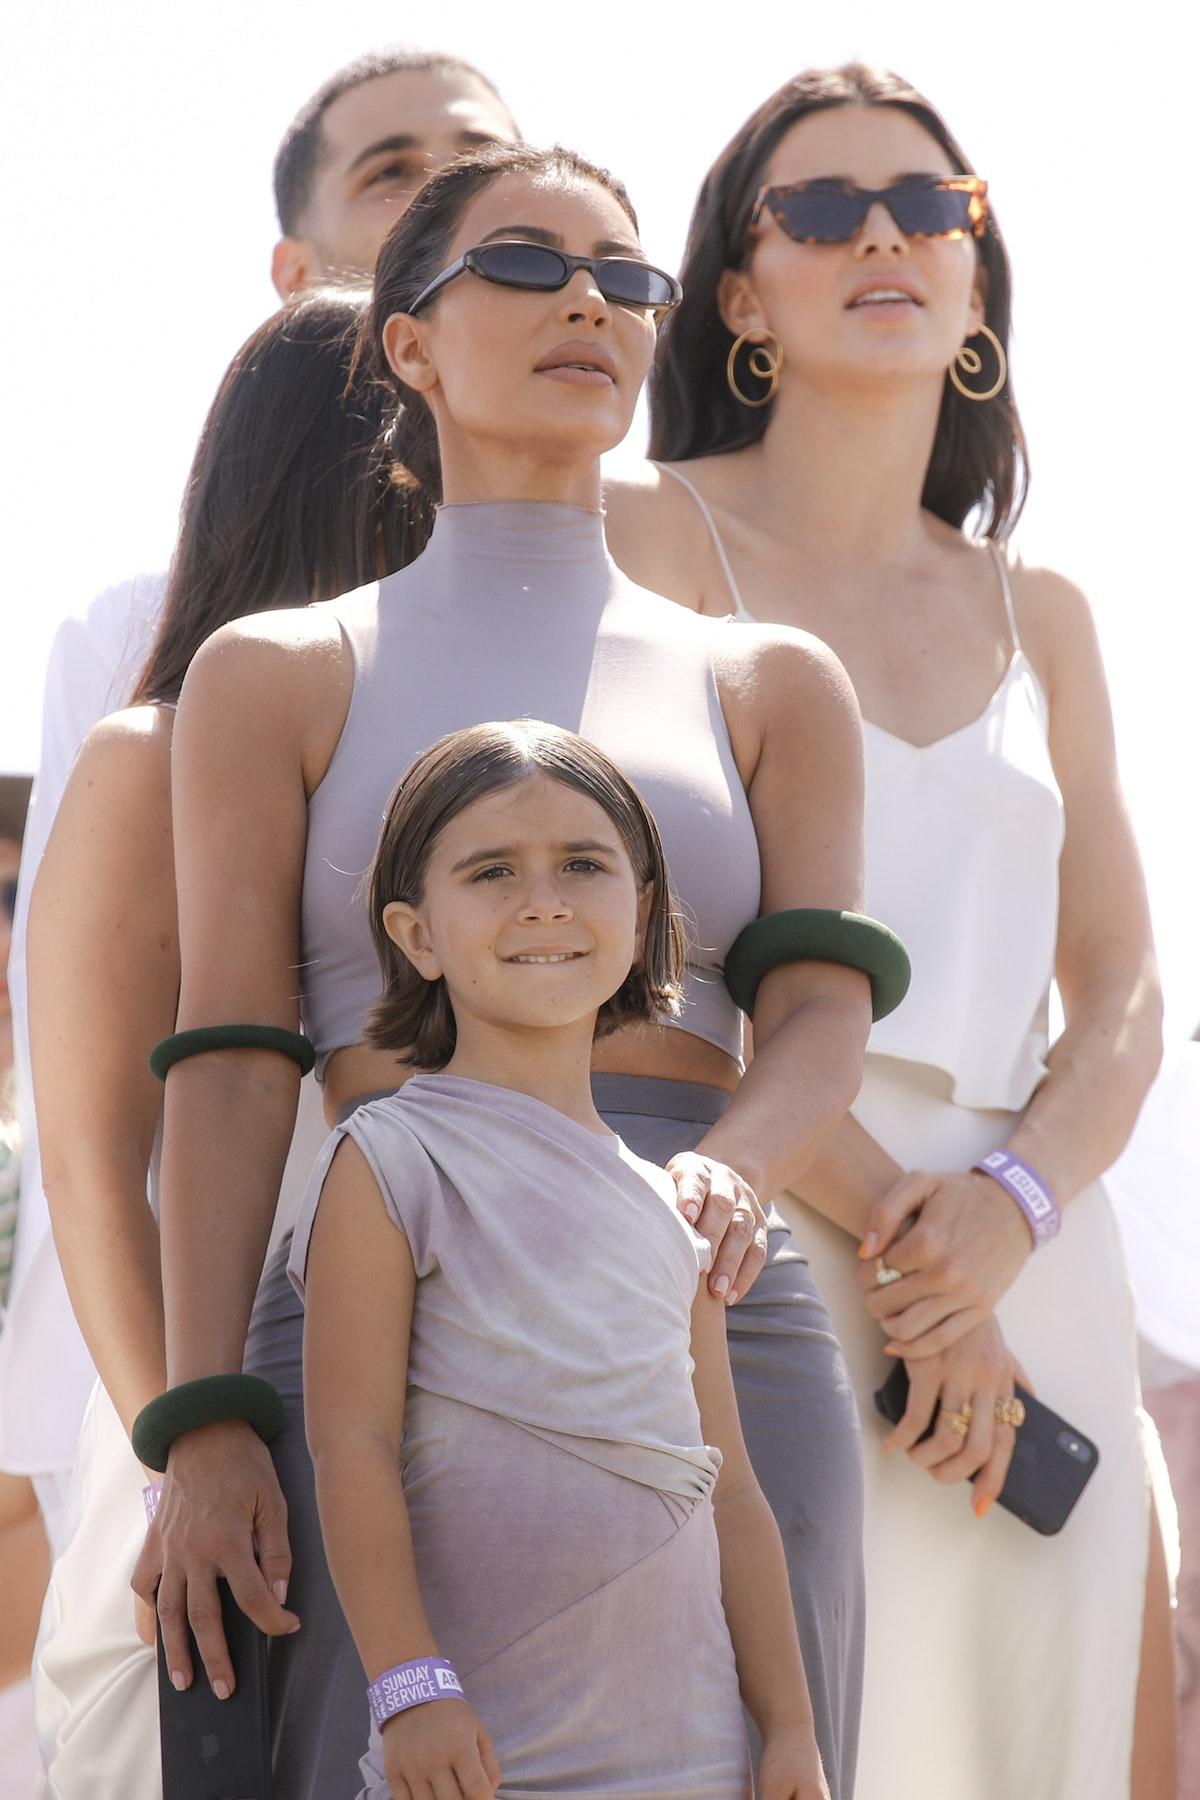 Sunday Service Costumes include Kim at Coachella